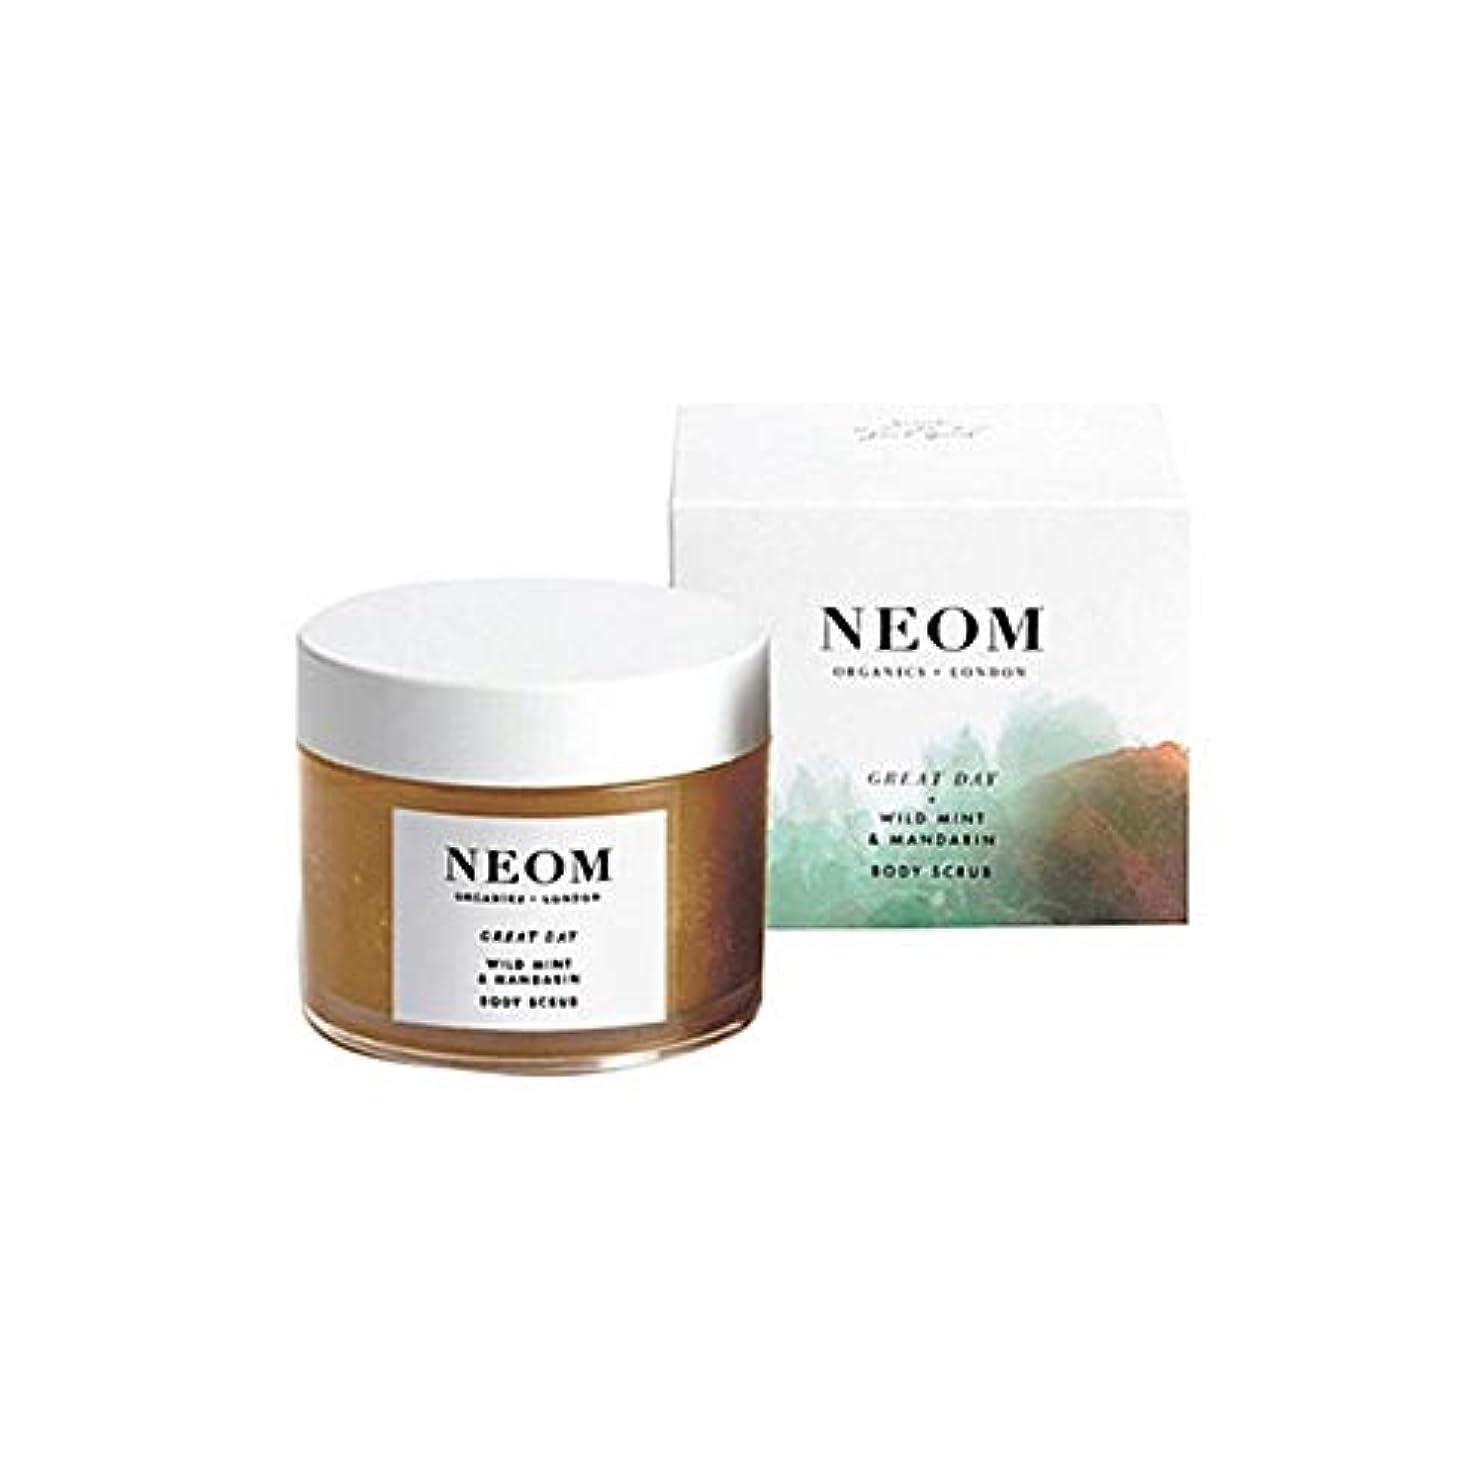 セクション入場数値[Neom] Neom高級有機物素晴らしい一日ボディスクラブ332グラム - Neom Luxury Organics Great Day Body Scrub 332G [並行輸入品]